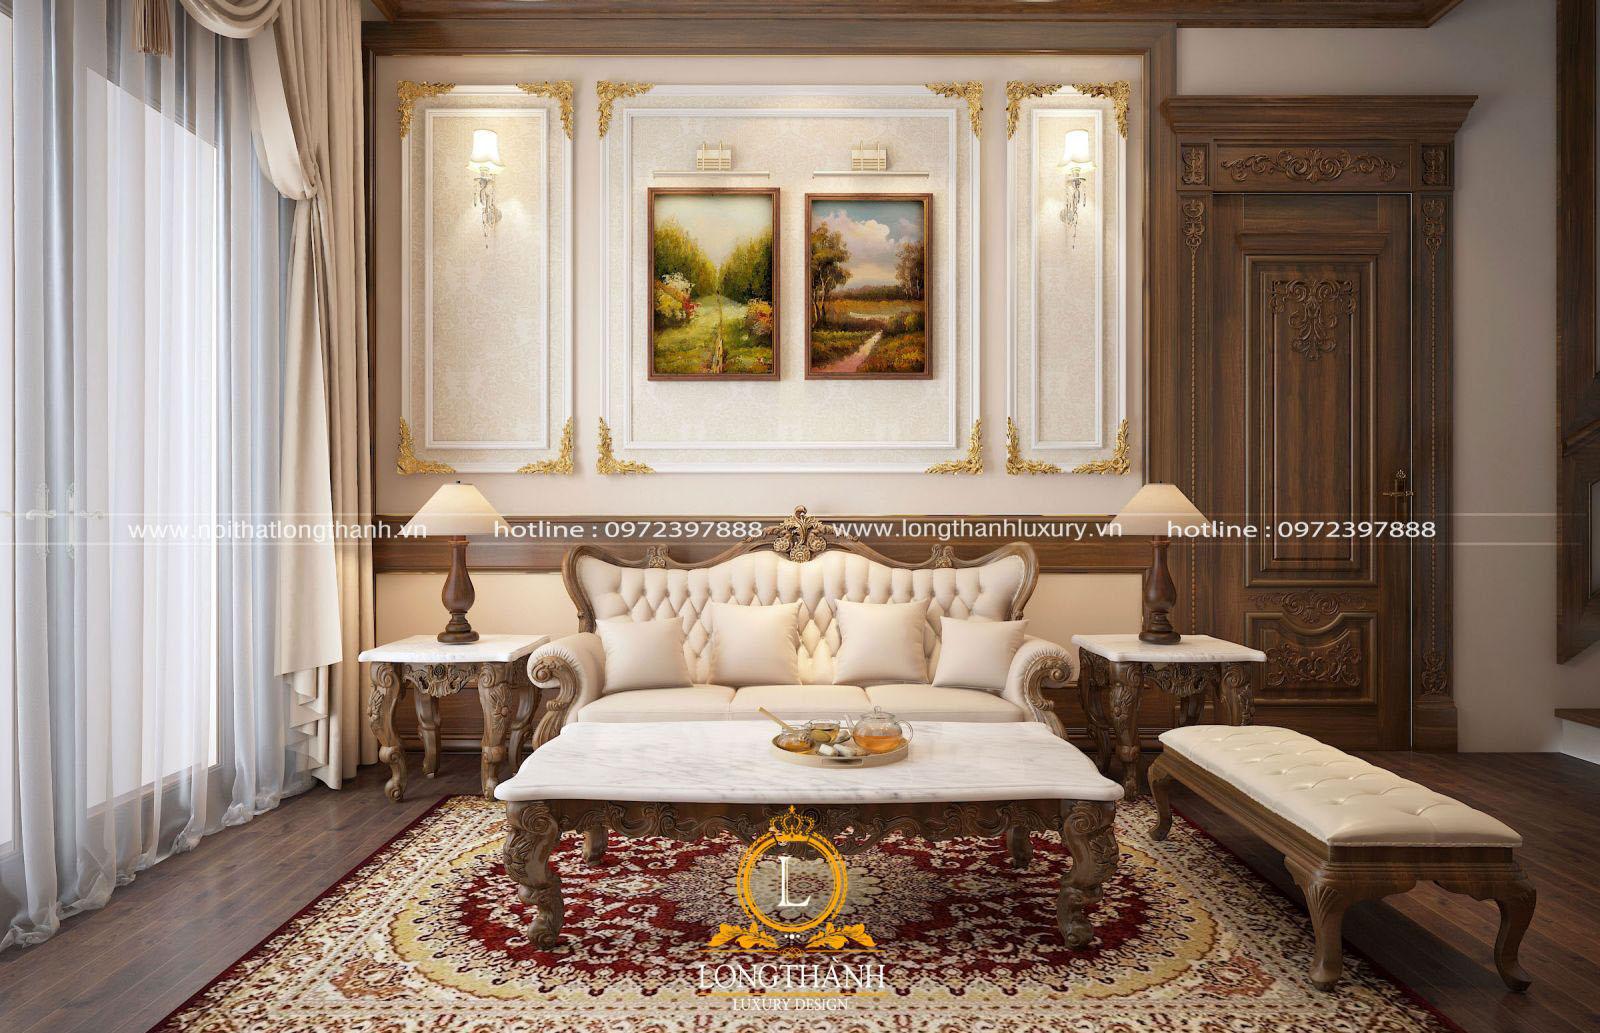 Mẫu thiết kế tối giản cho phòng khách